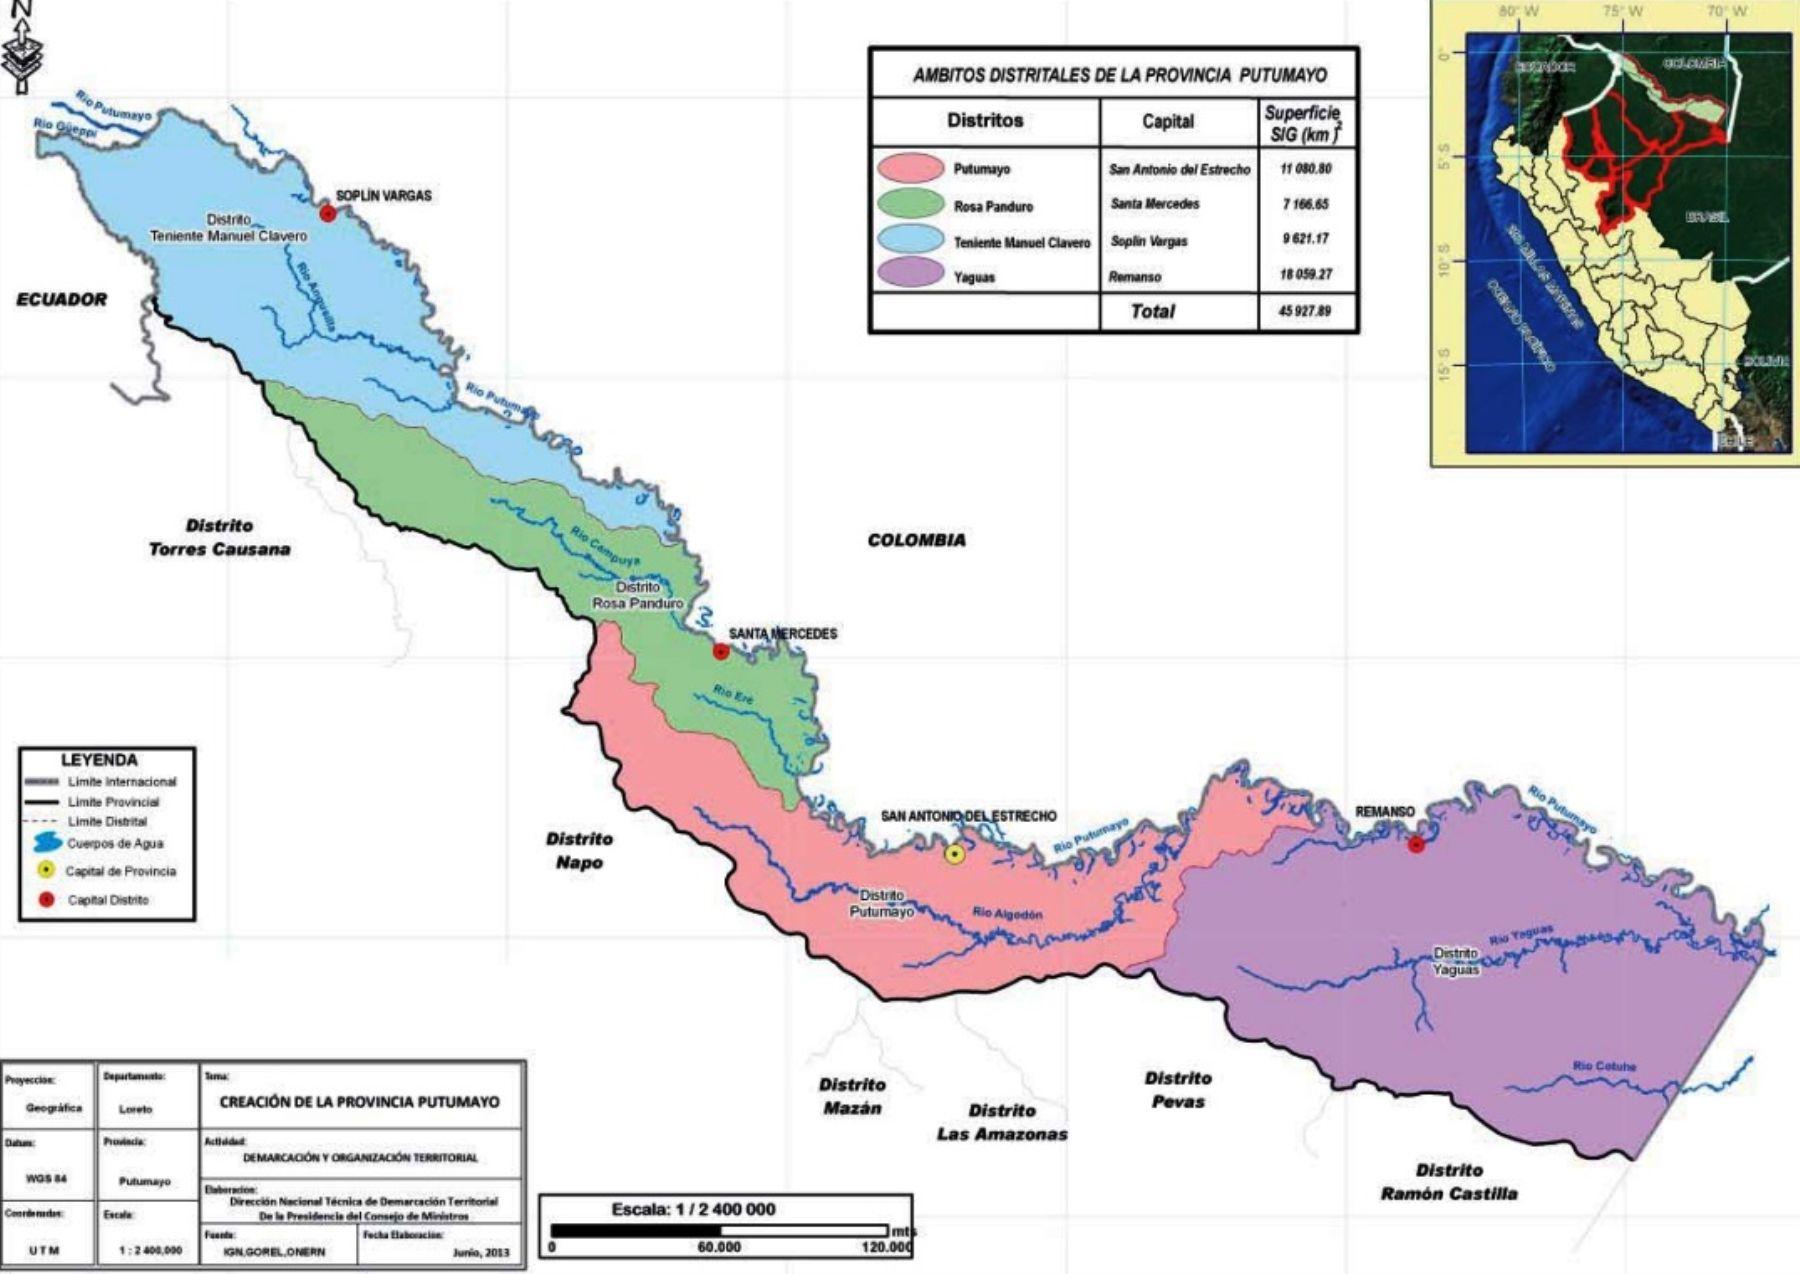 Promulgan ley que crea la provincia de Putumayo en departamento de Loreto. Foto: ANDINA/Difusión.